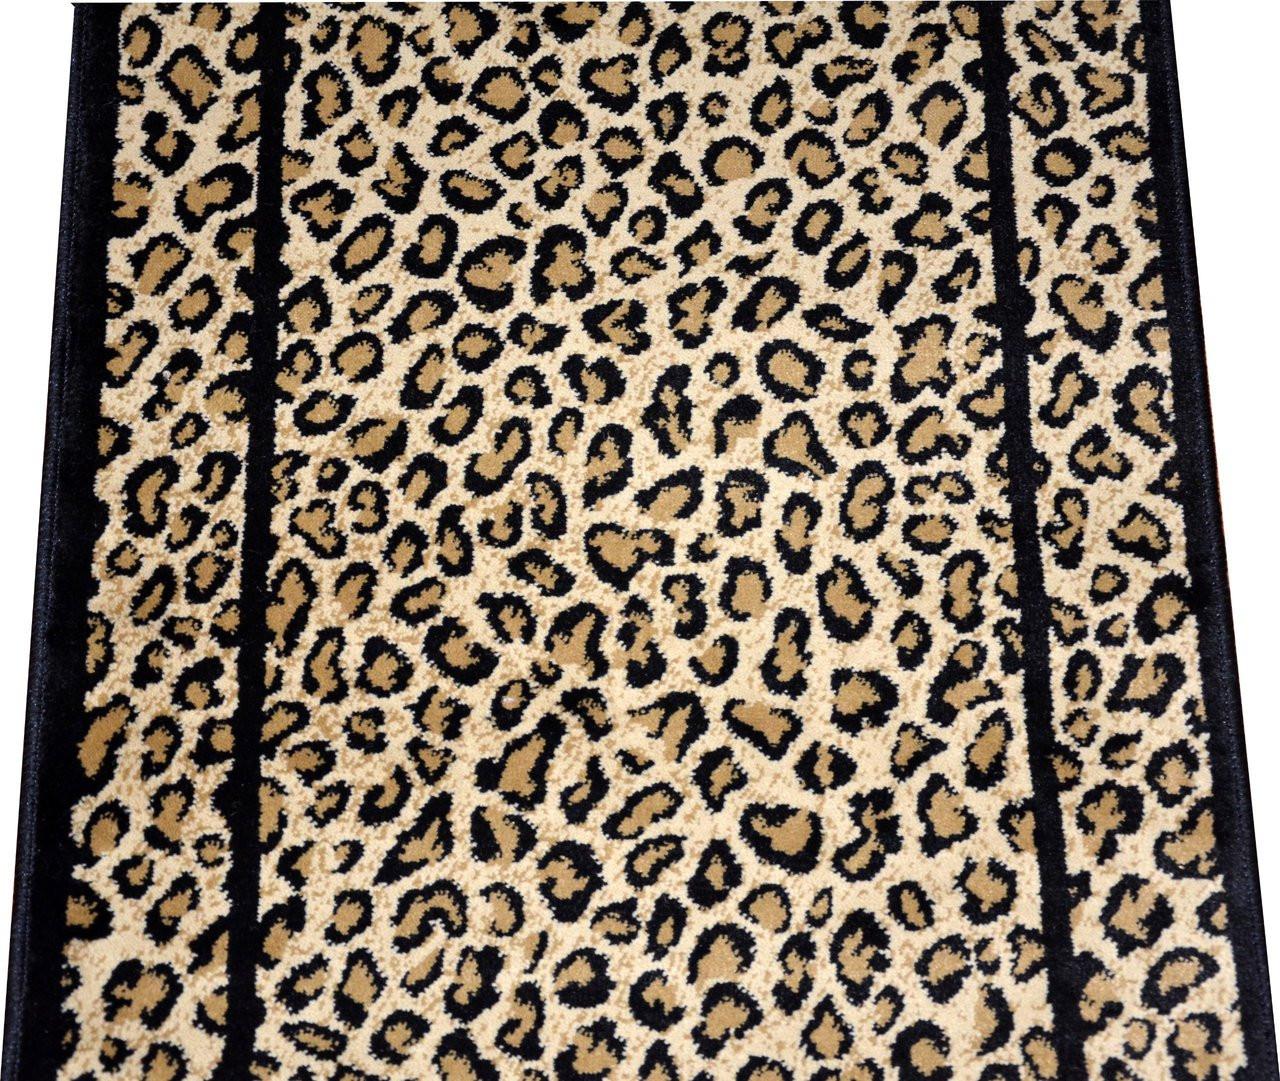 Dean Cheetah Carpet Rug Hallway Stair Runner